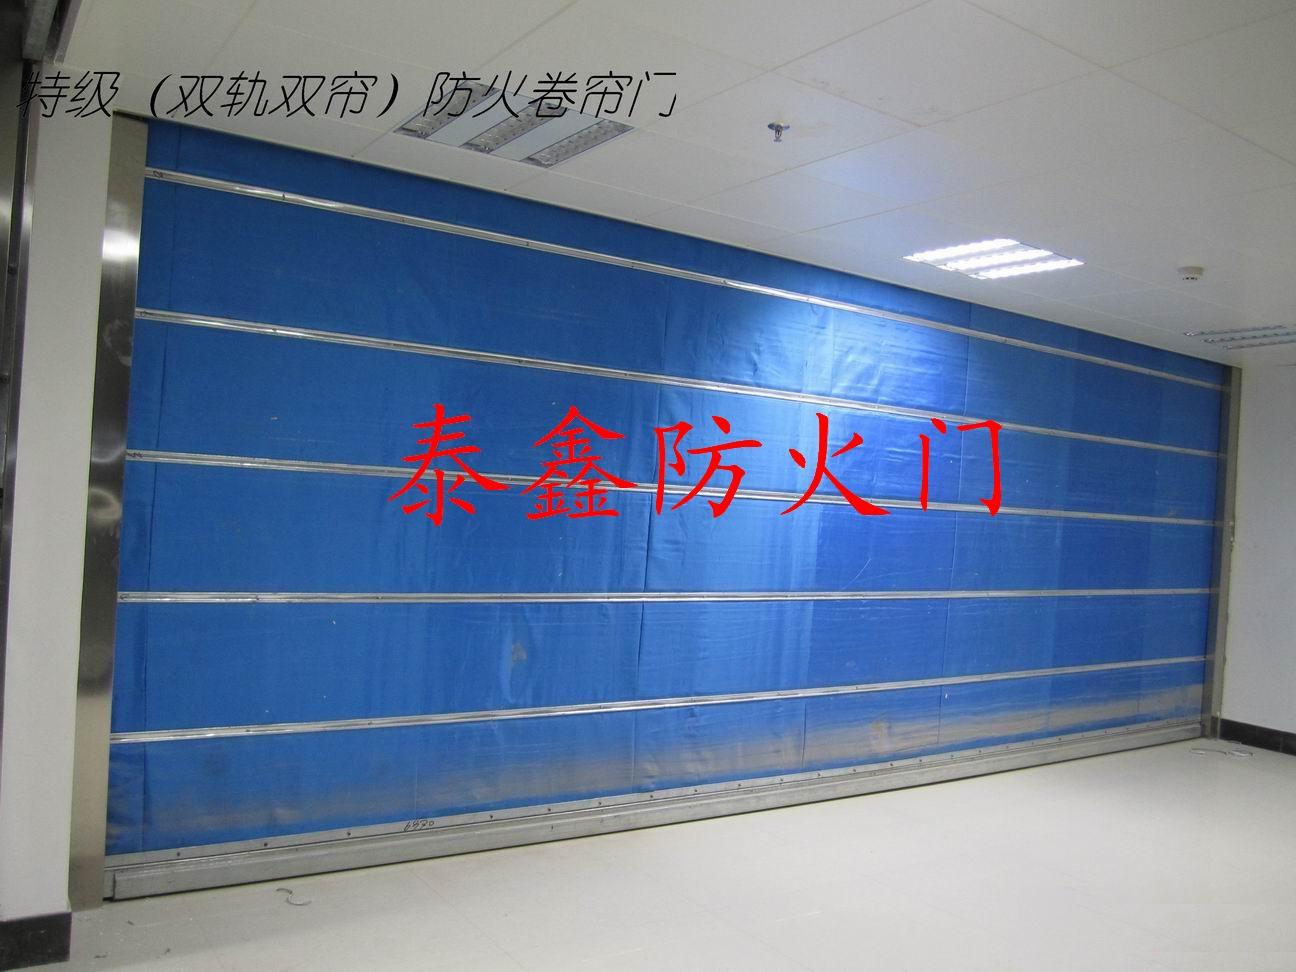 安徽省泰鑫防火门有限公司